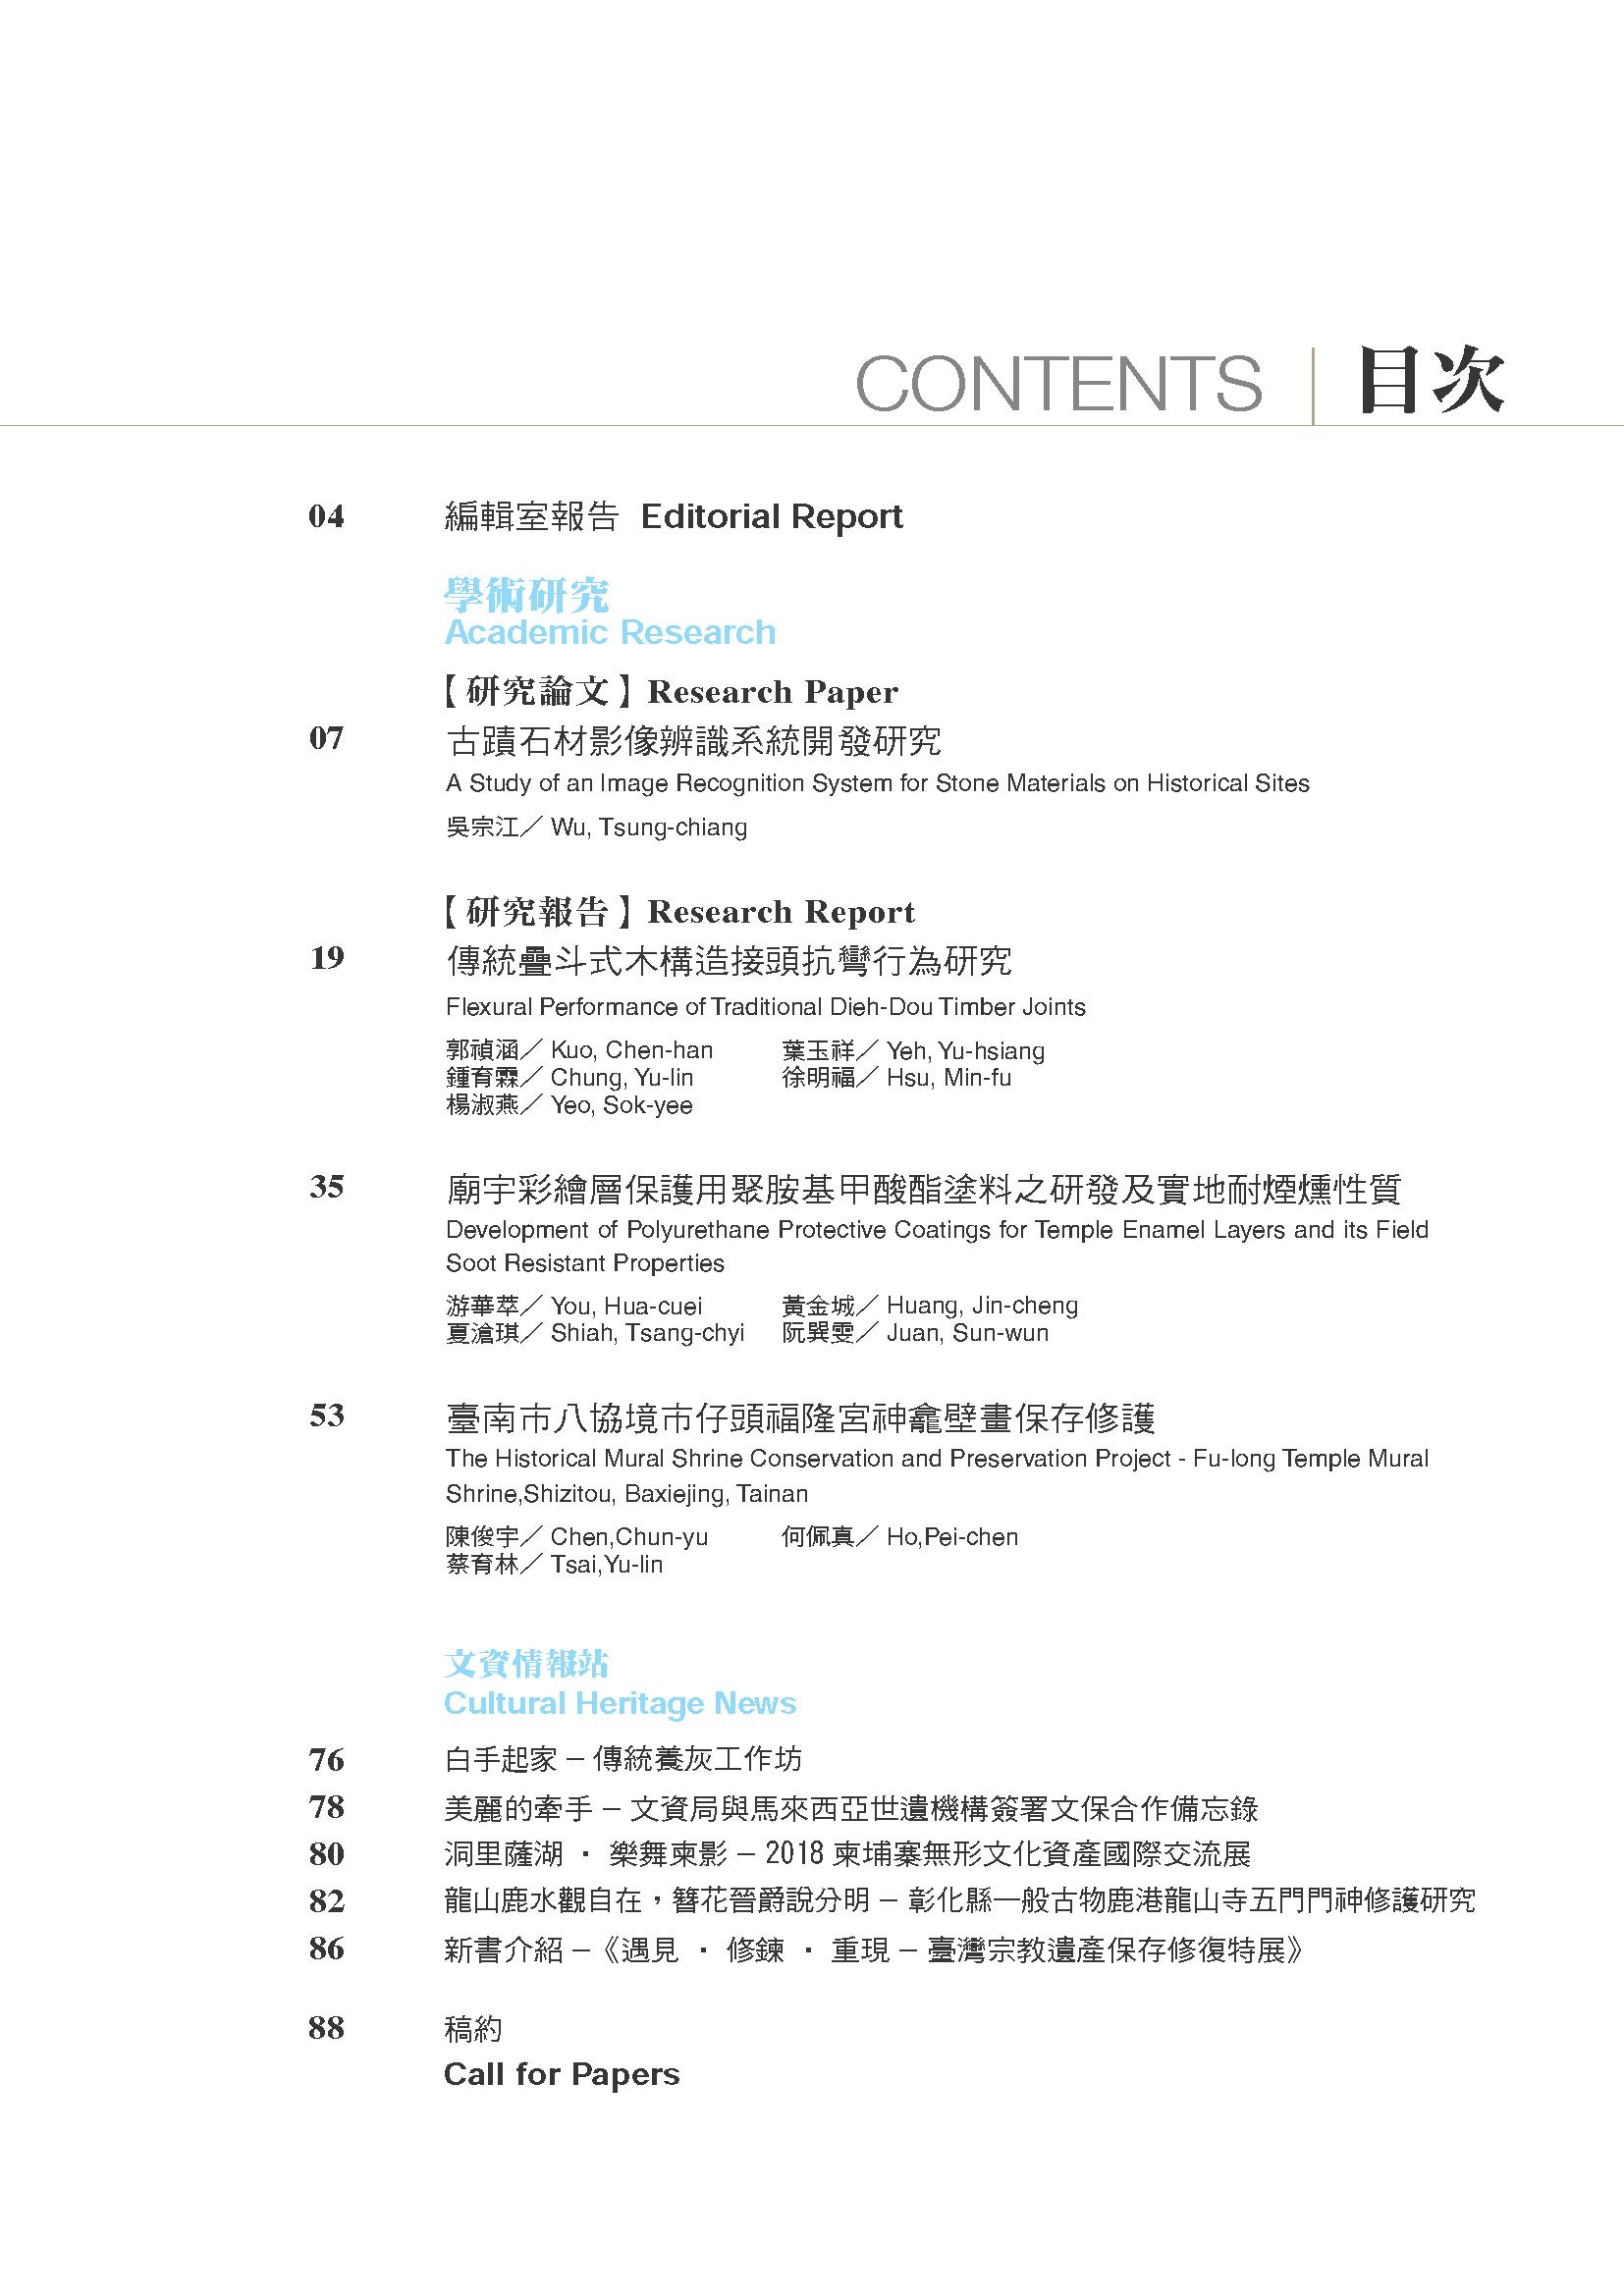 43期1-版權頁+目次_頁面_3.png